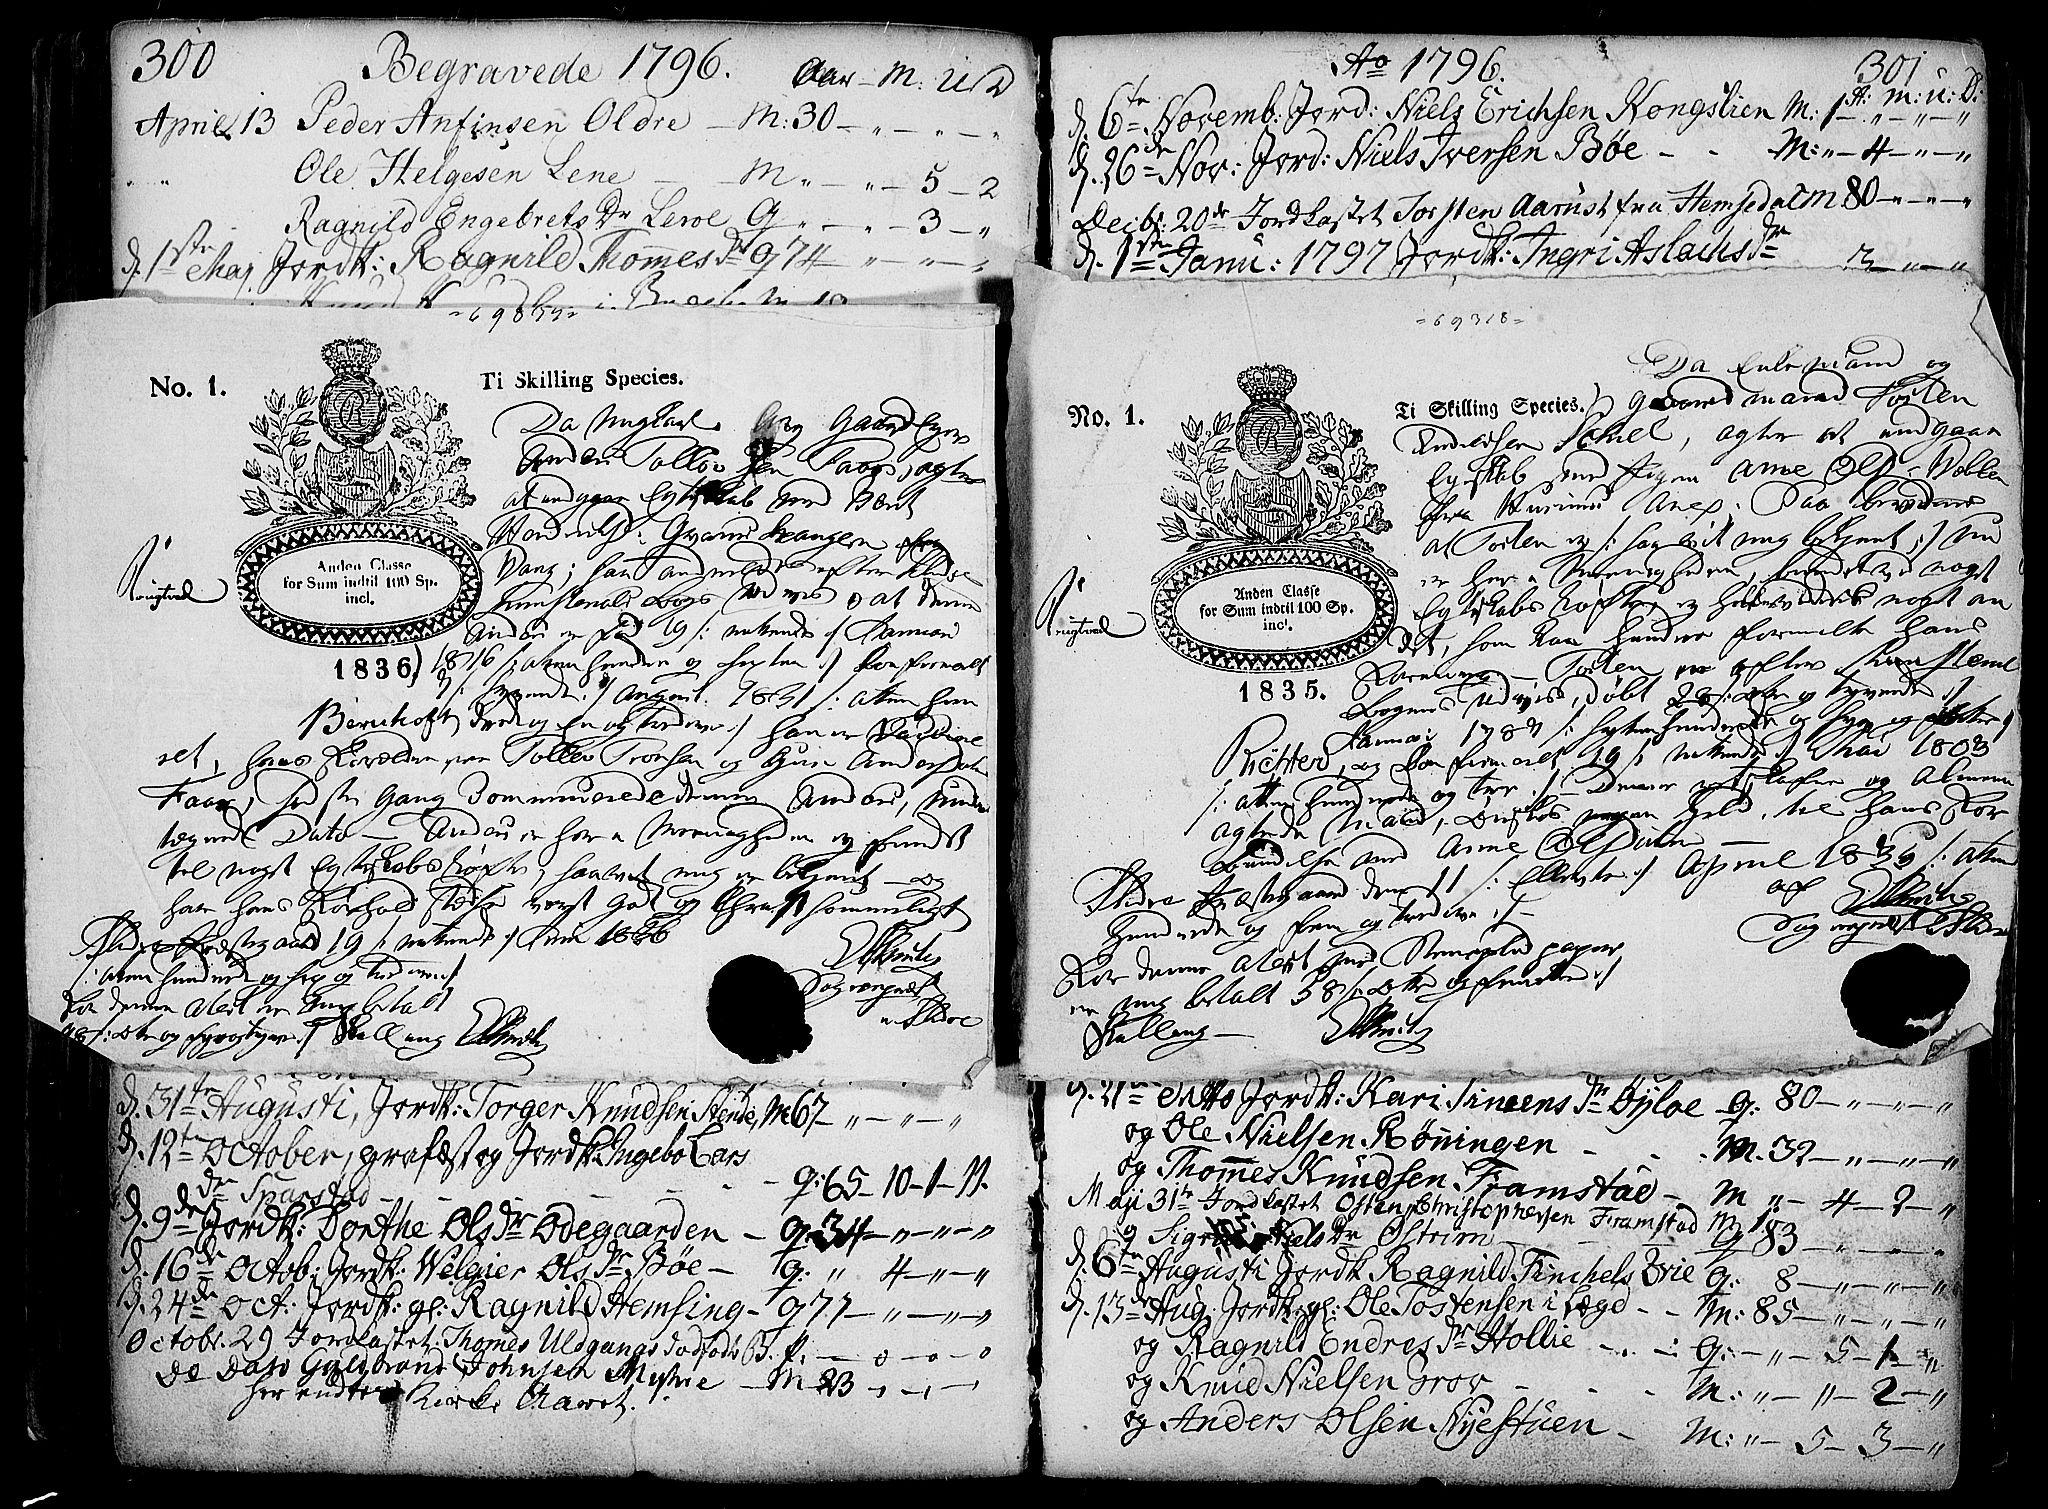 SAH, Vang prestekontor, Valdres, Ministerialbok nr. 2, 1796-1808, s. 300-301